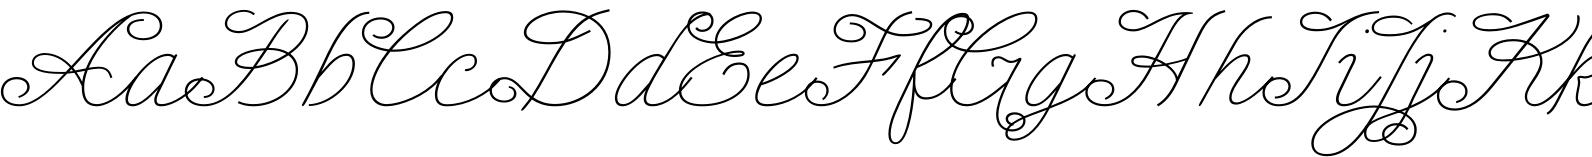 Enocenta